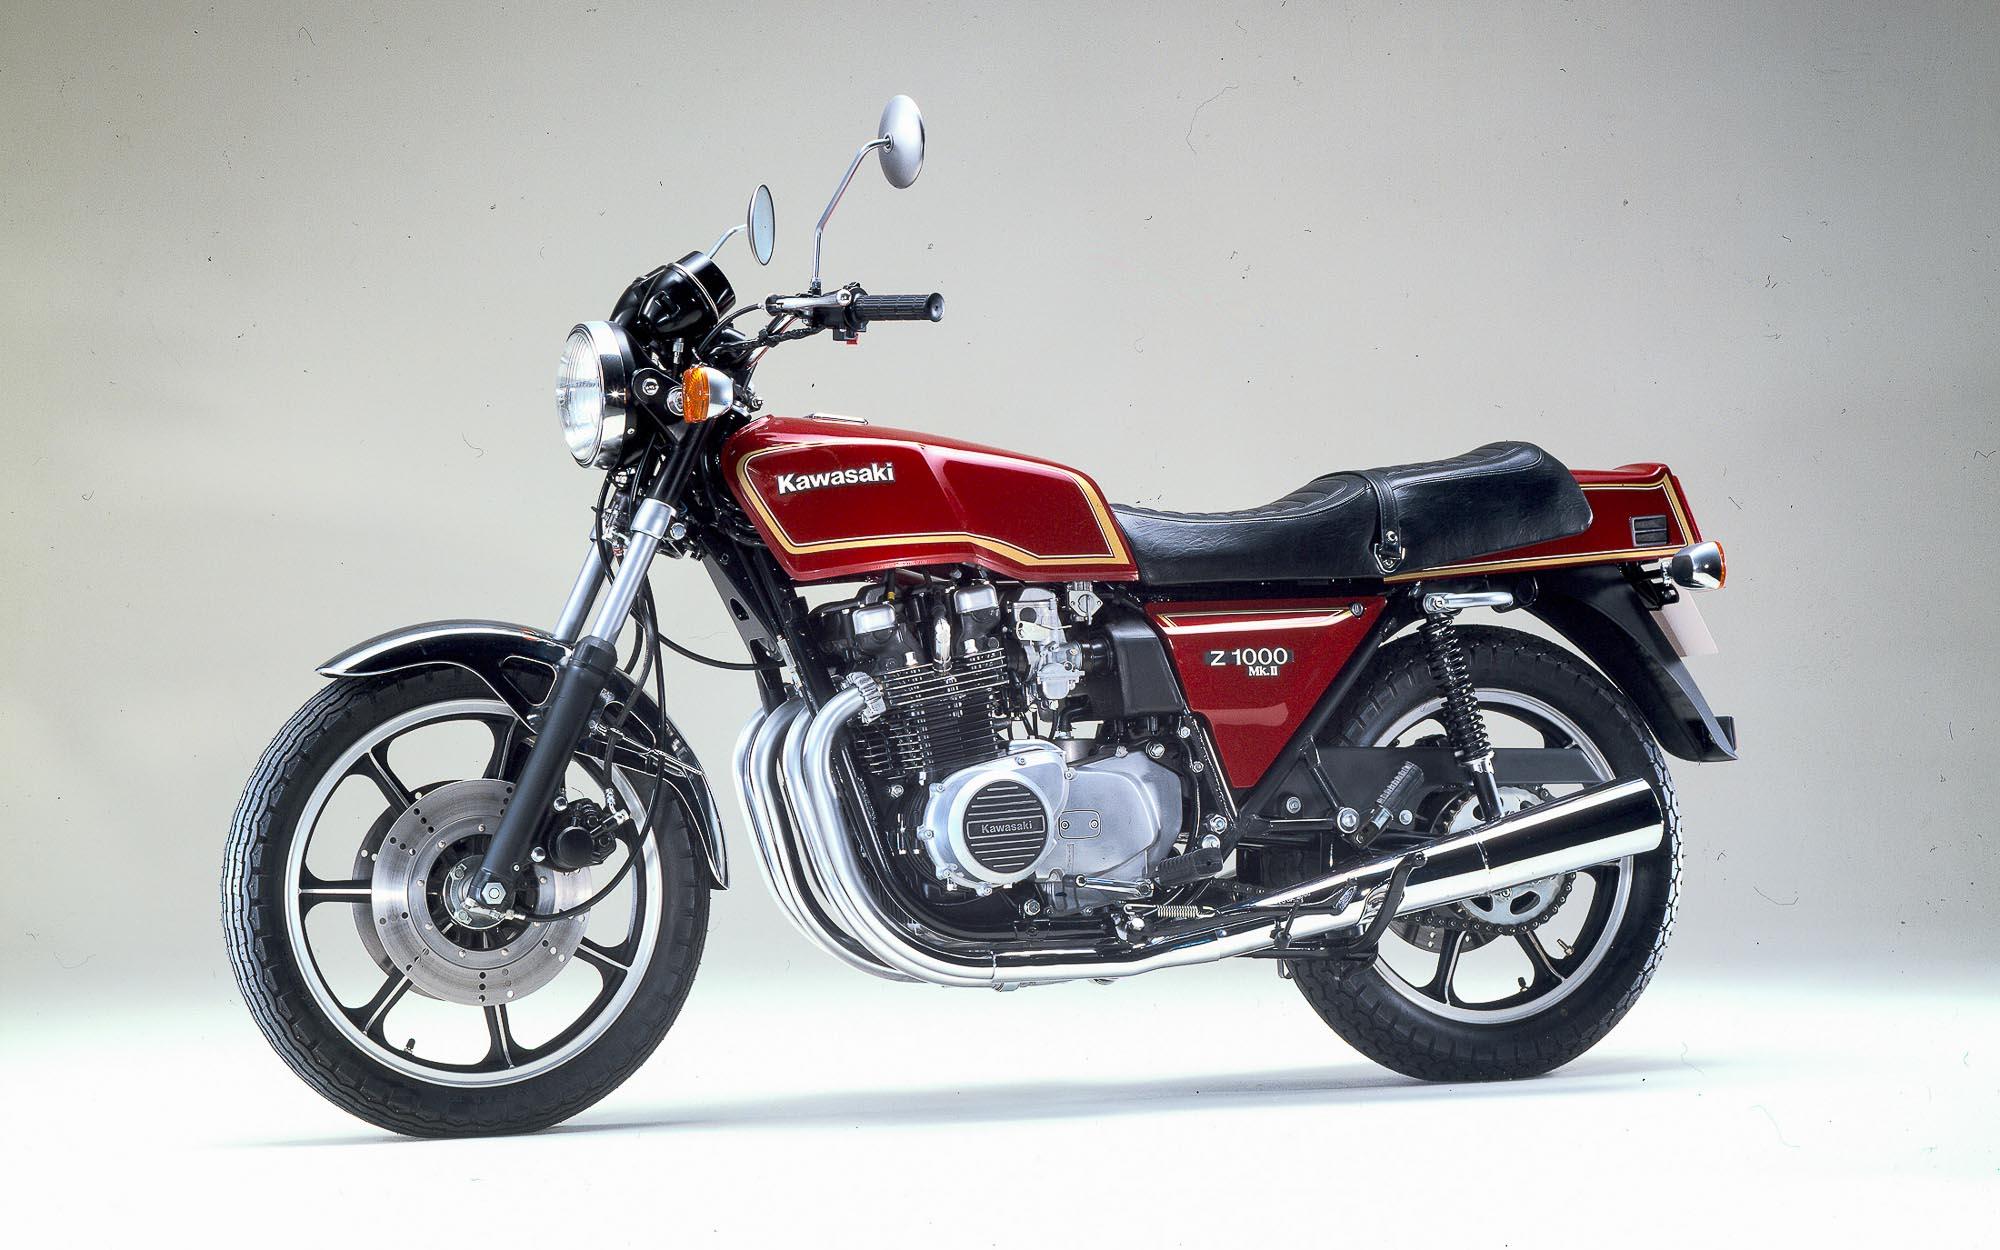 Kawasaki Z 1000 MKII